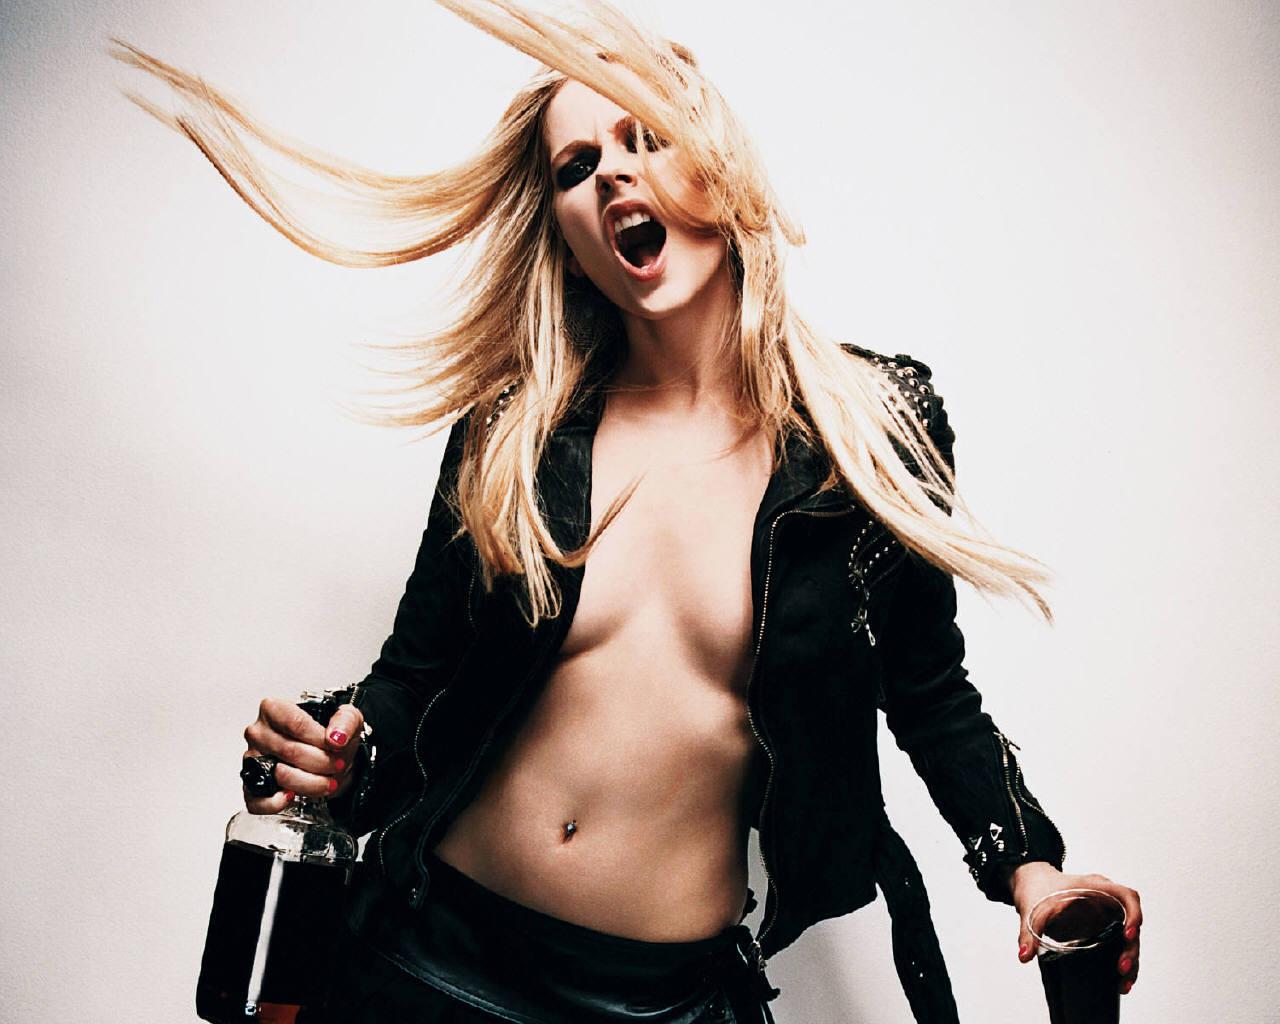 Avril lavigne hot sexy